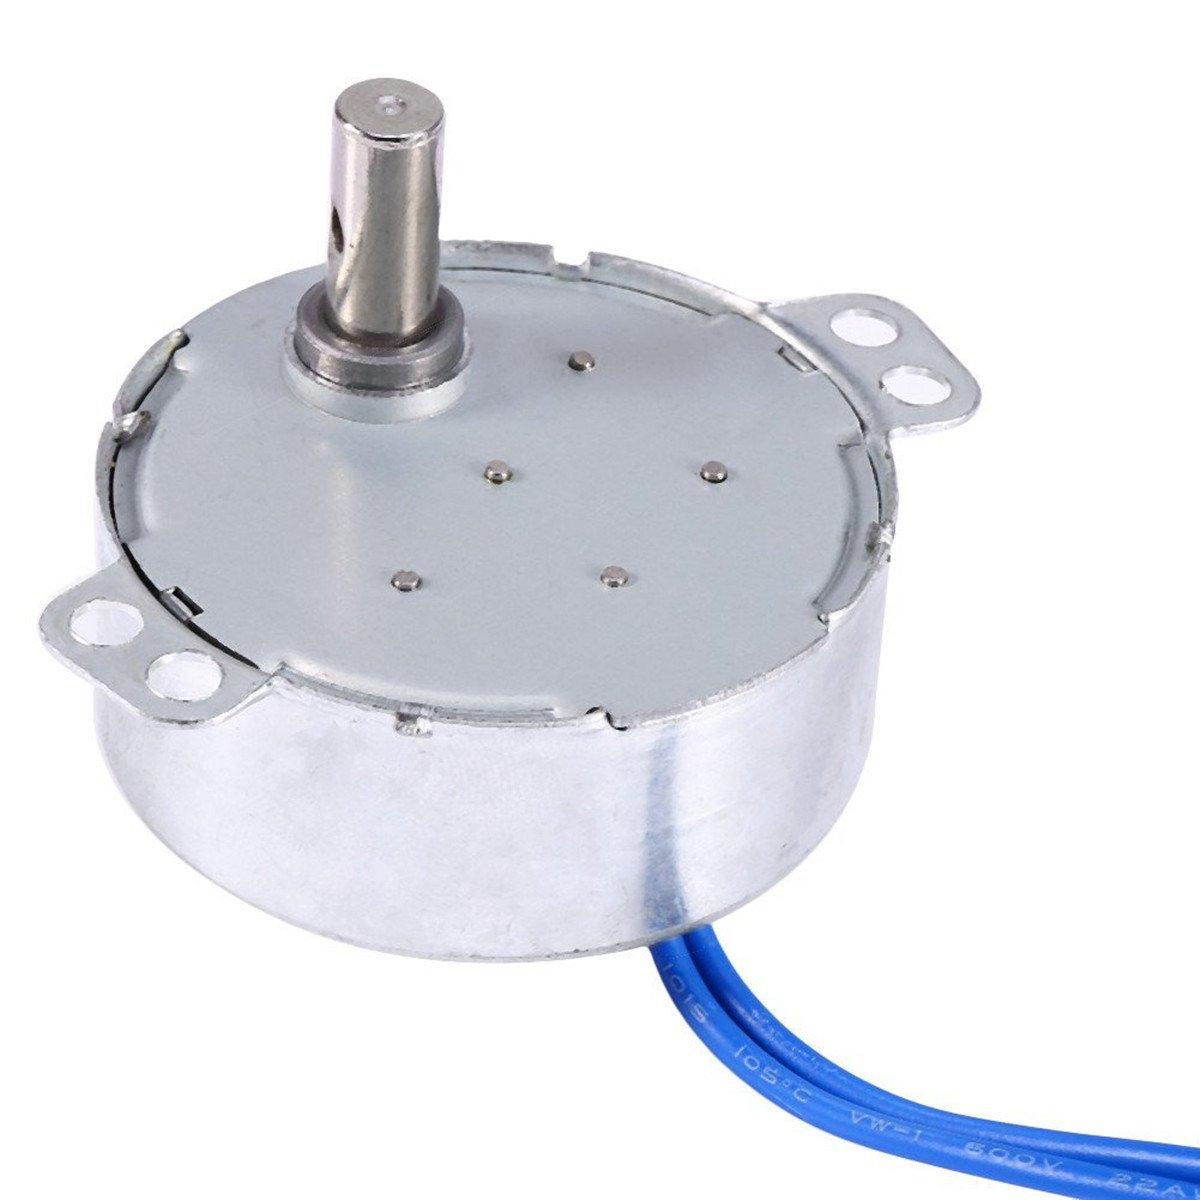 ターンテーブル同期Synchronモーター50 /60hz AC 100 ~ 127 V 4 W CCW/CW for手作り、学校プロジェクト、モデル 5-6RPM シルバー yosoo-816-3 B01KHJKECM 5-6RPM 5-6RPM